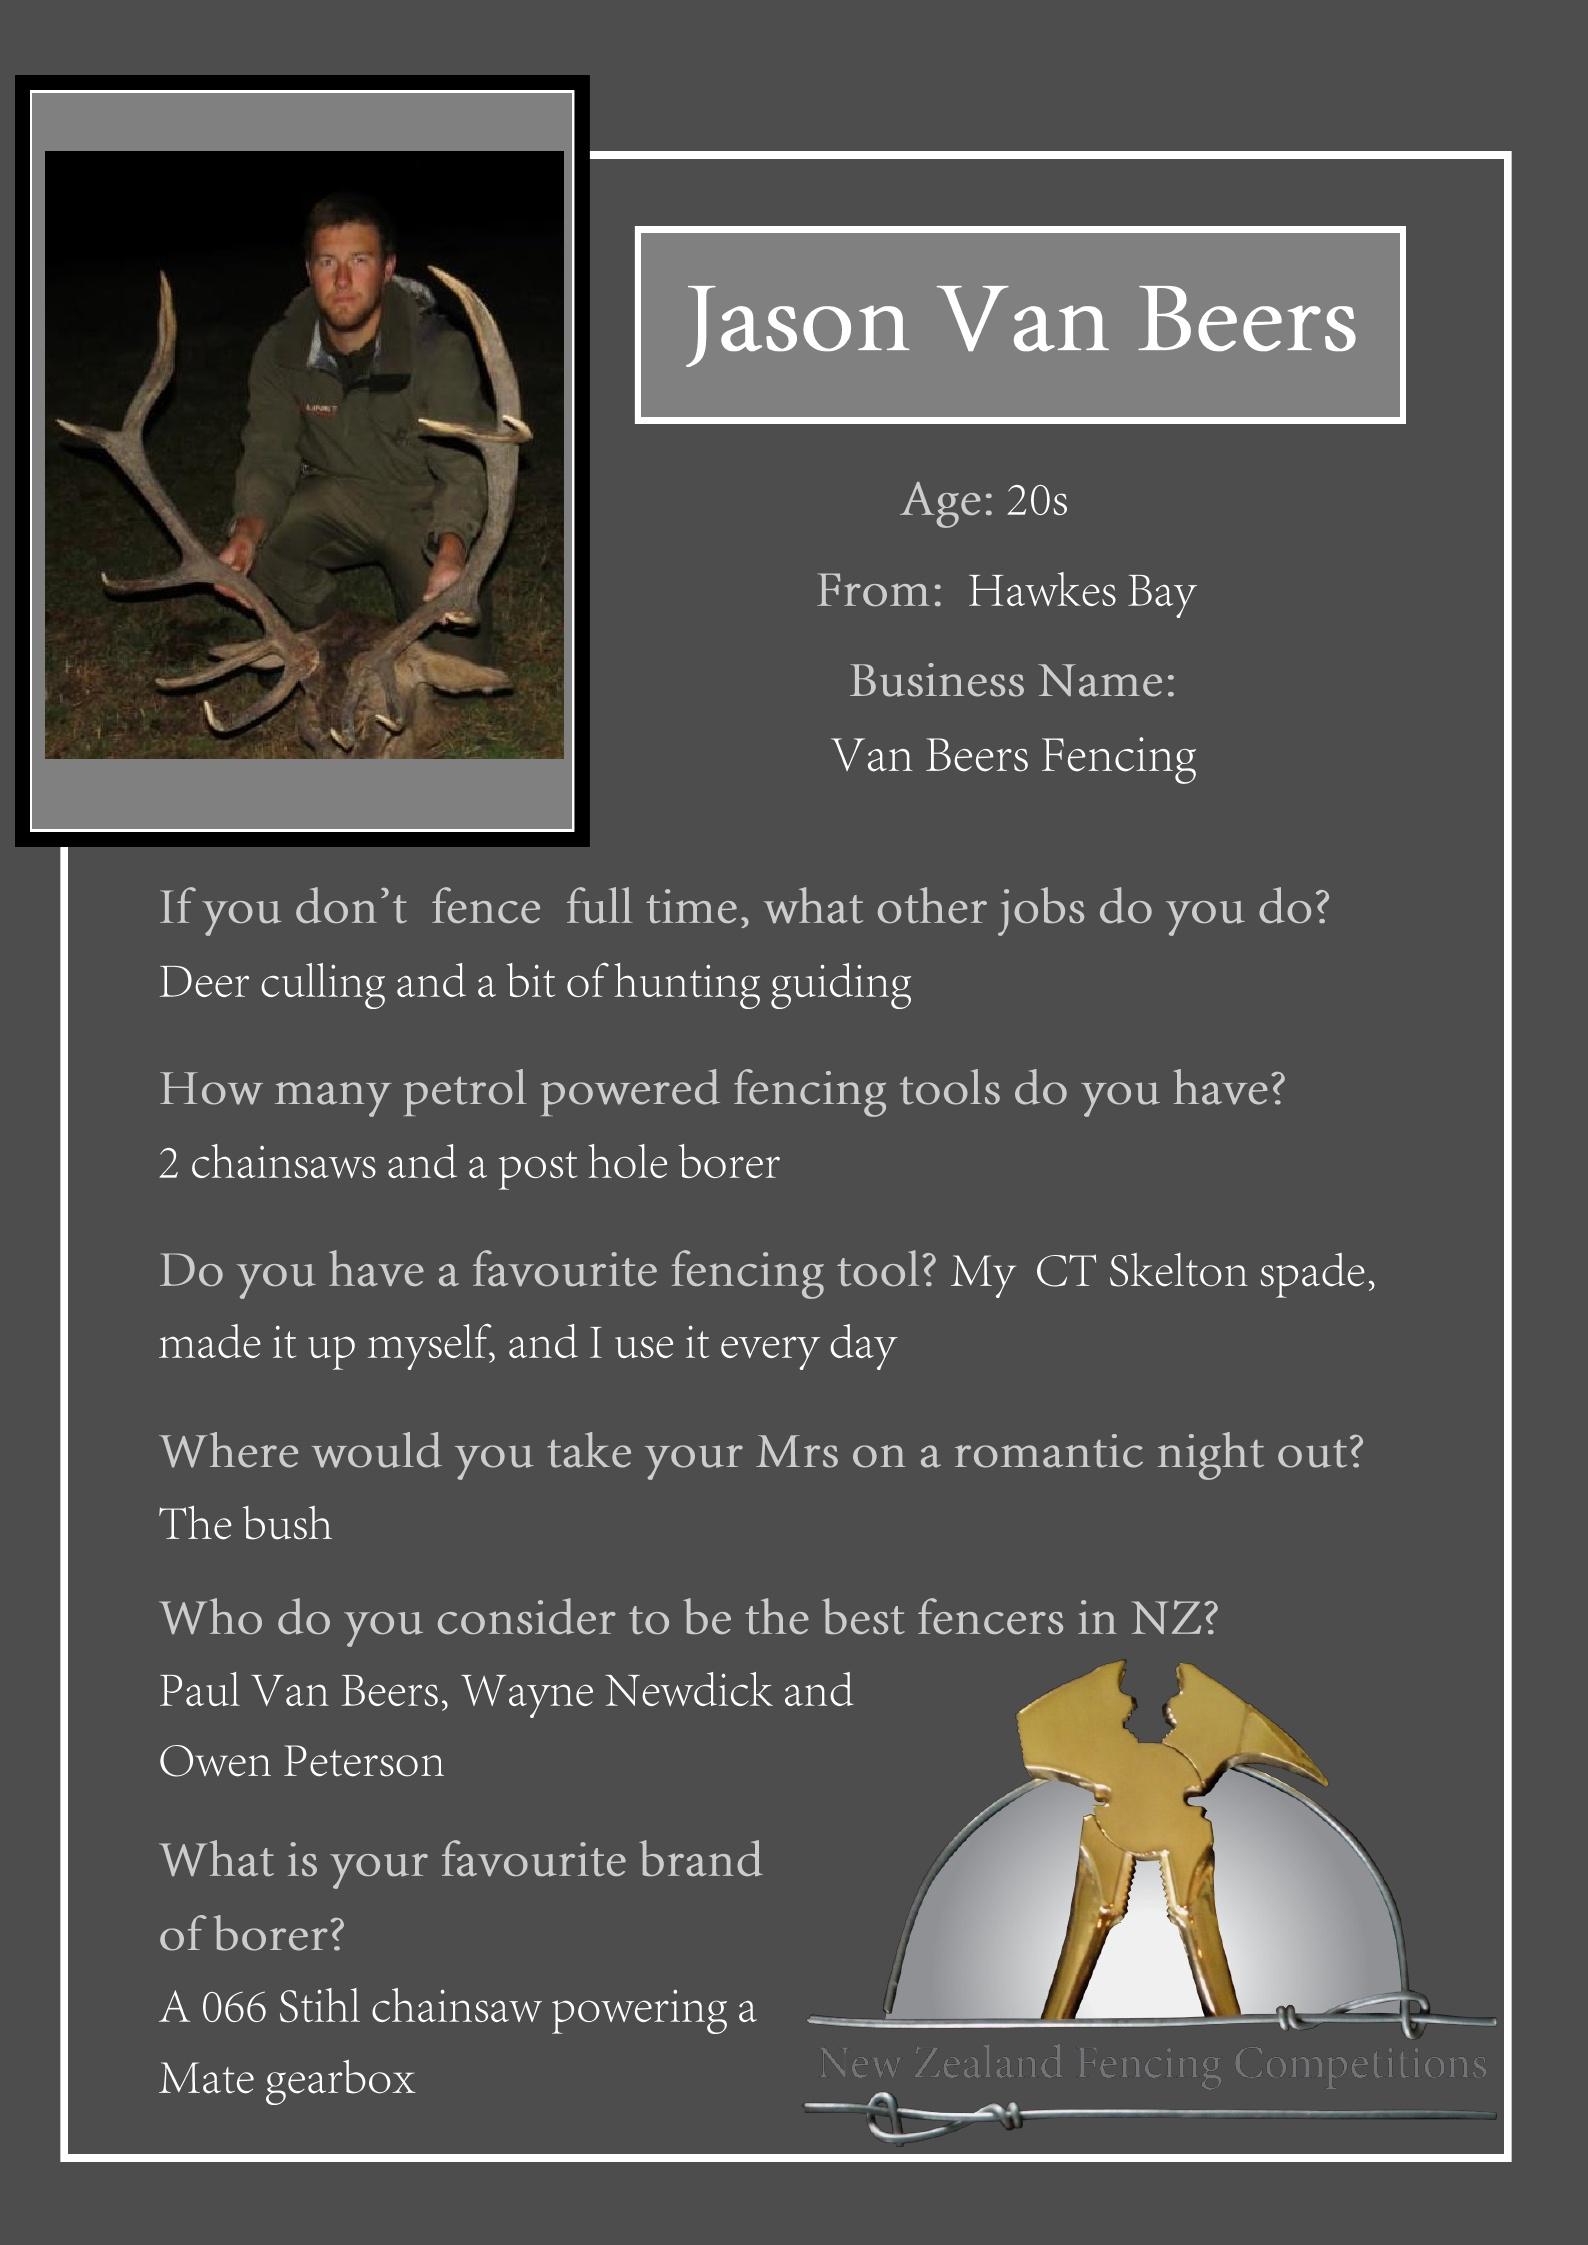 Jason Van Beers